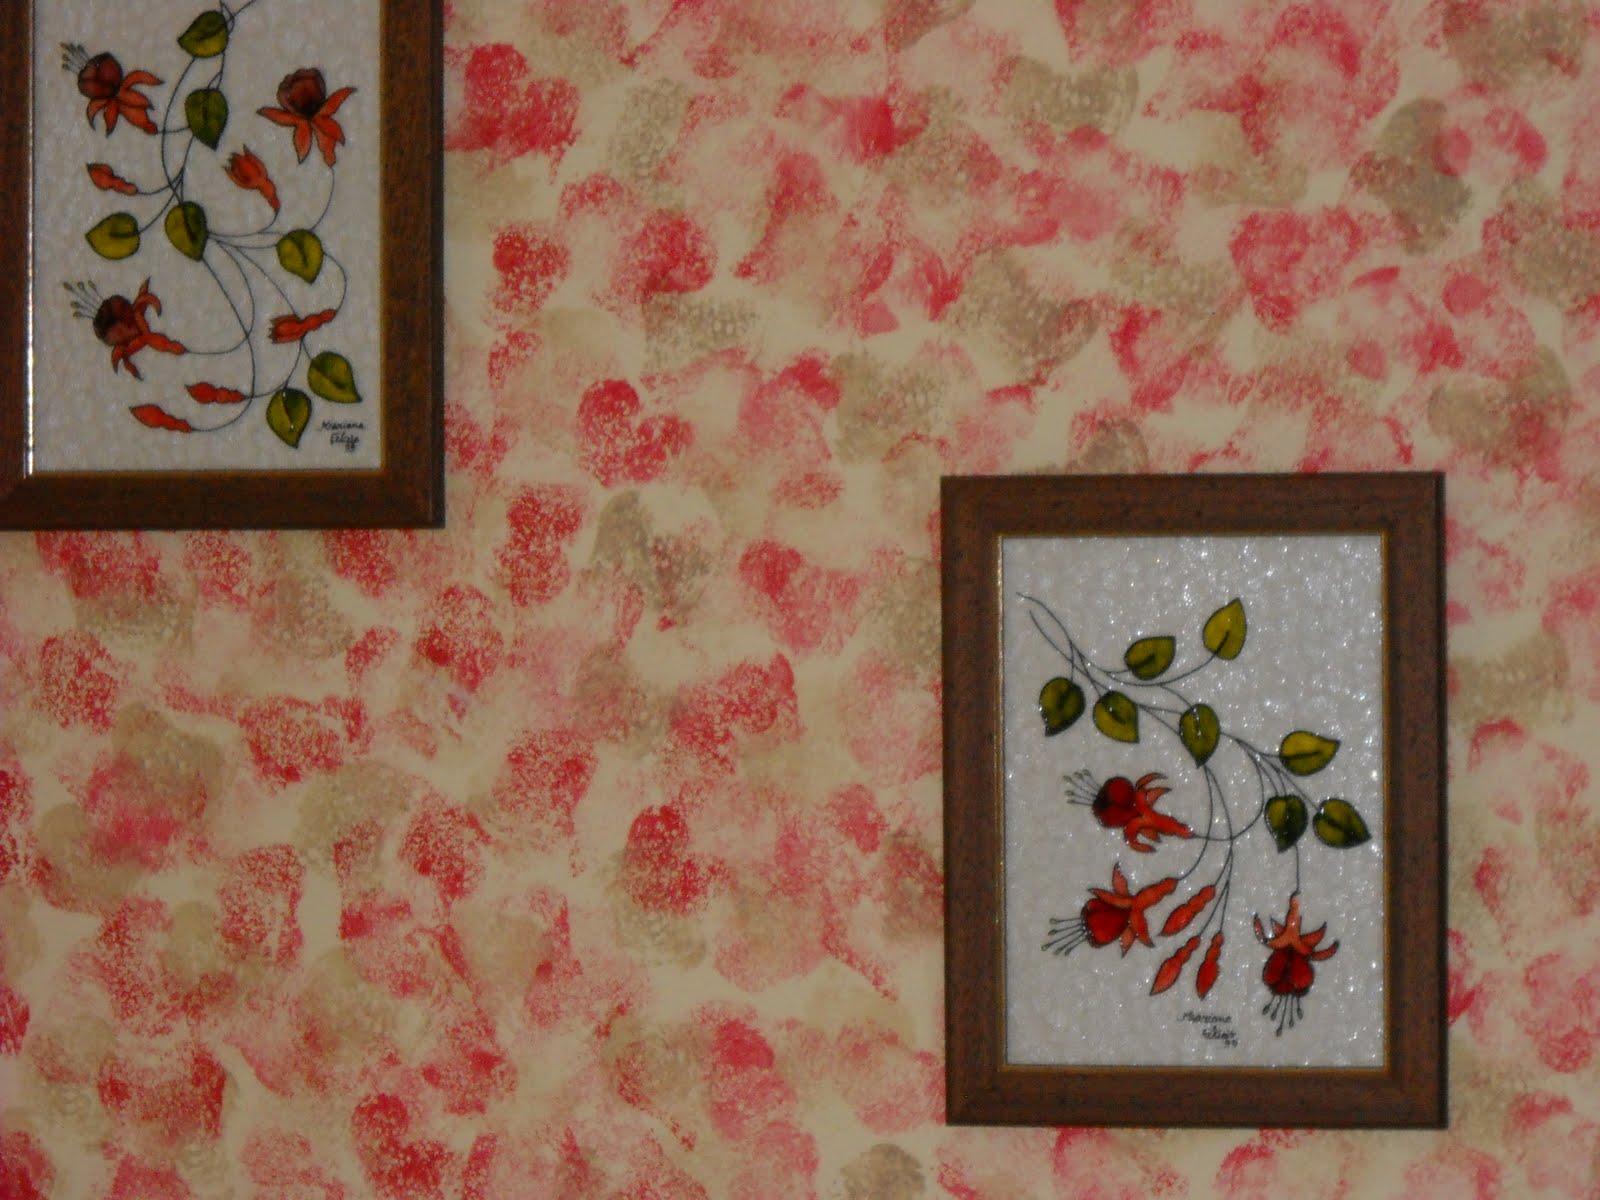 Pinturas decorativas de interiores - Pinturas decorativas paredes ...